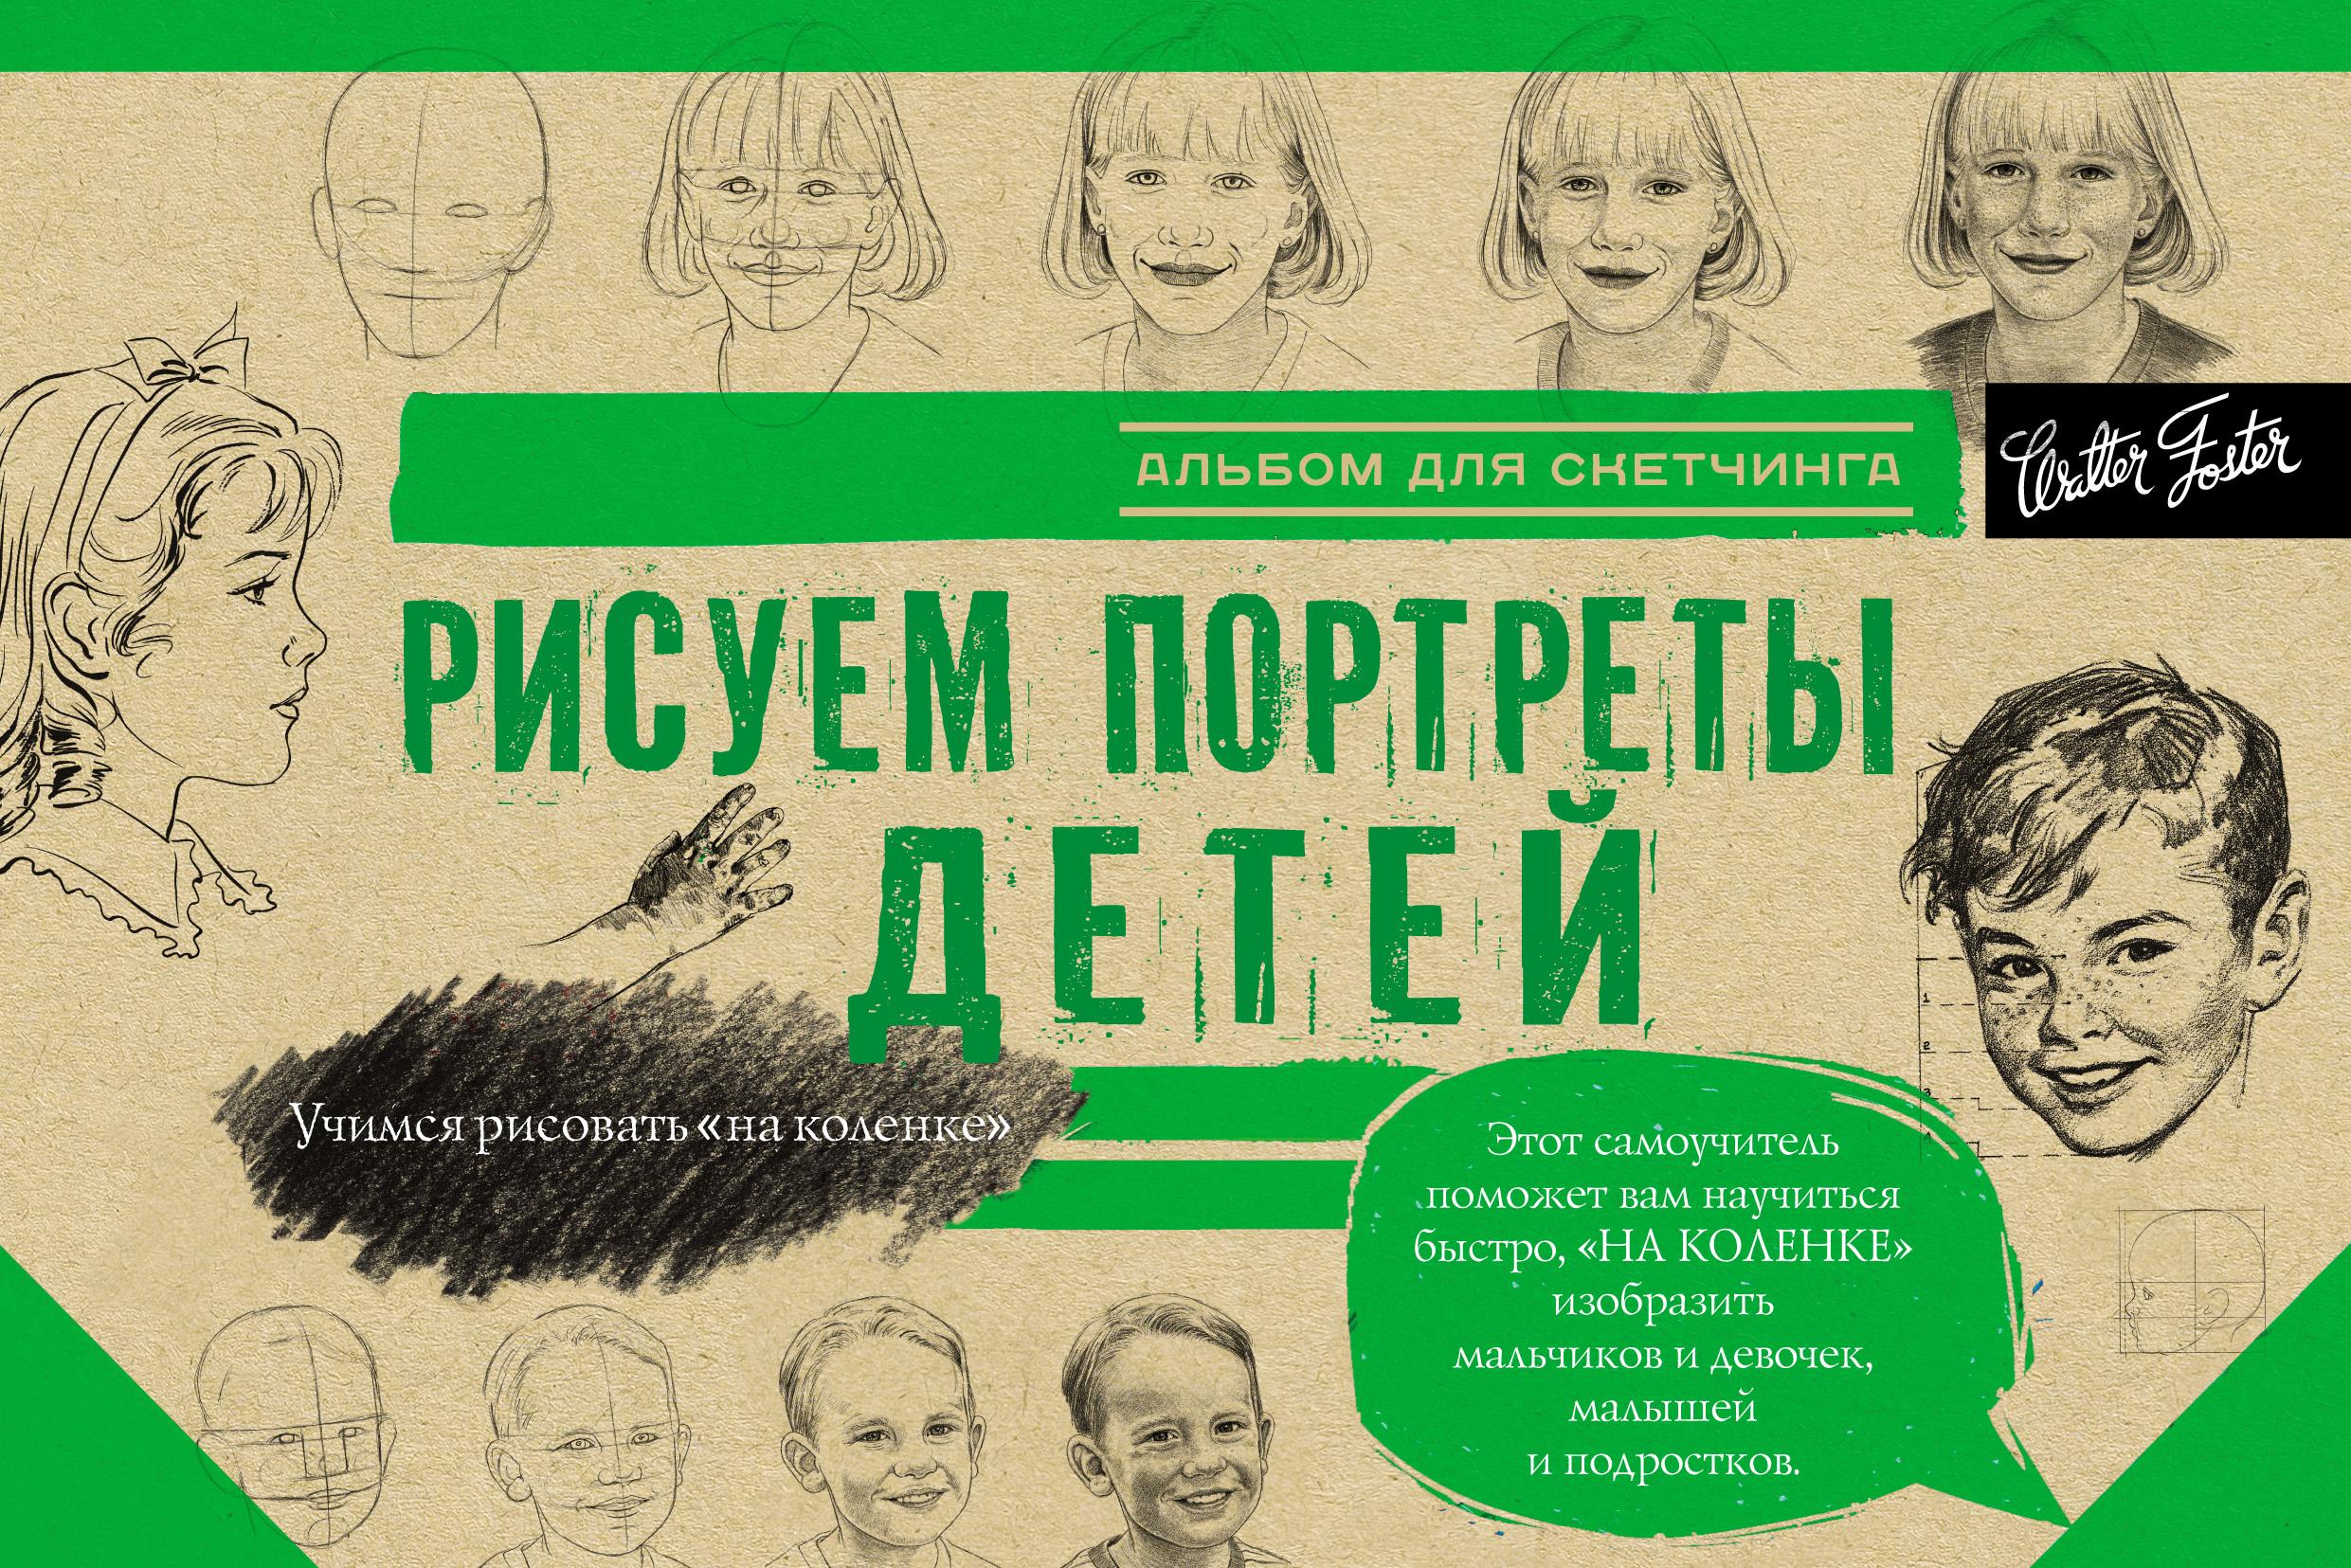 Коллектив авторов Рисуем портреты детей. Альбом для скетчинга цена и фото